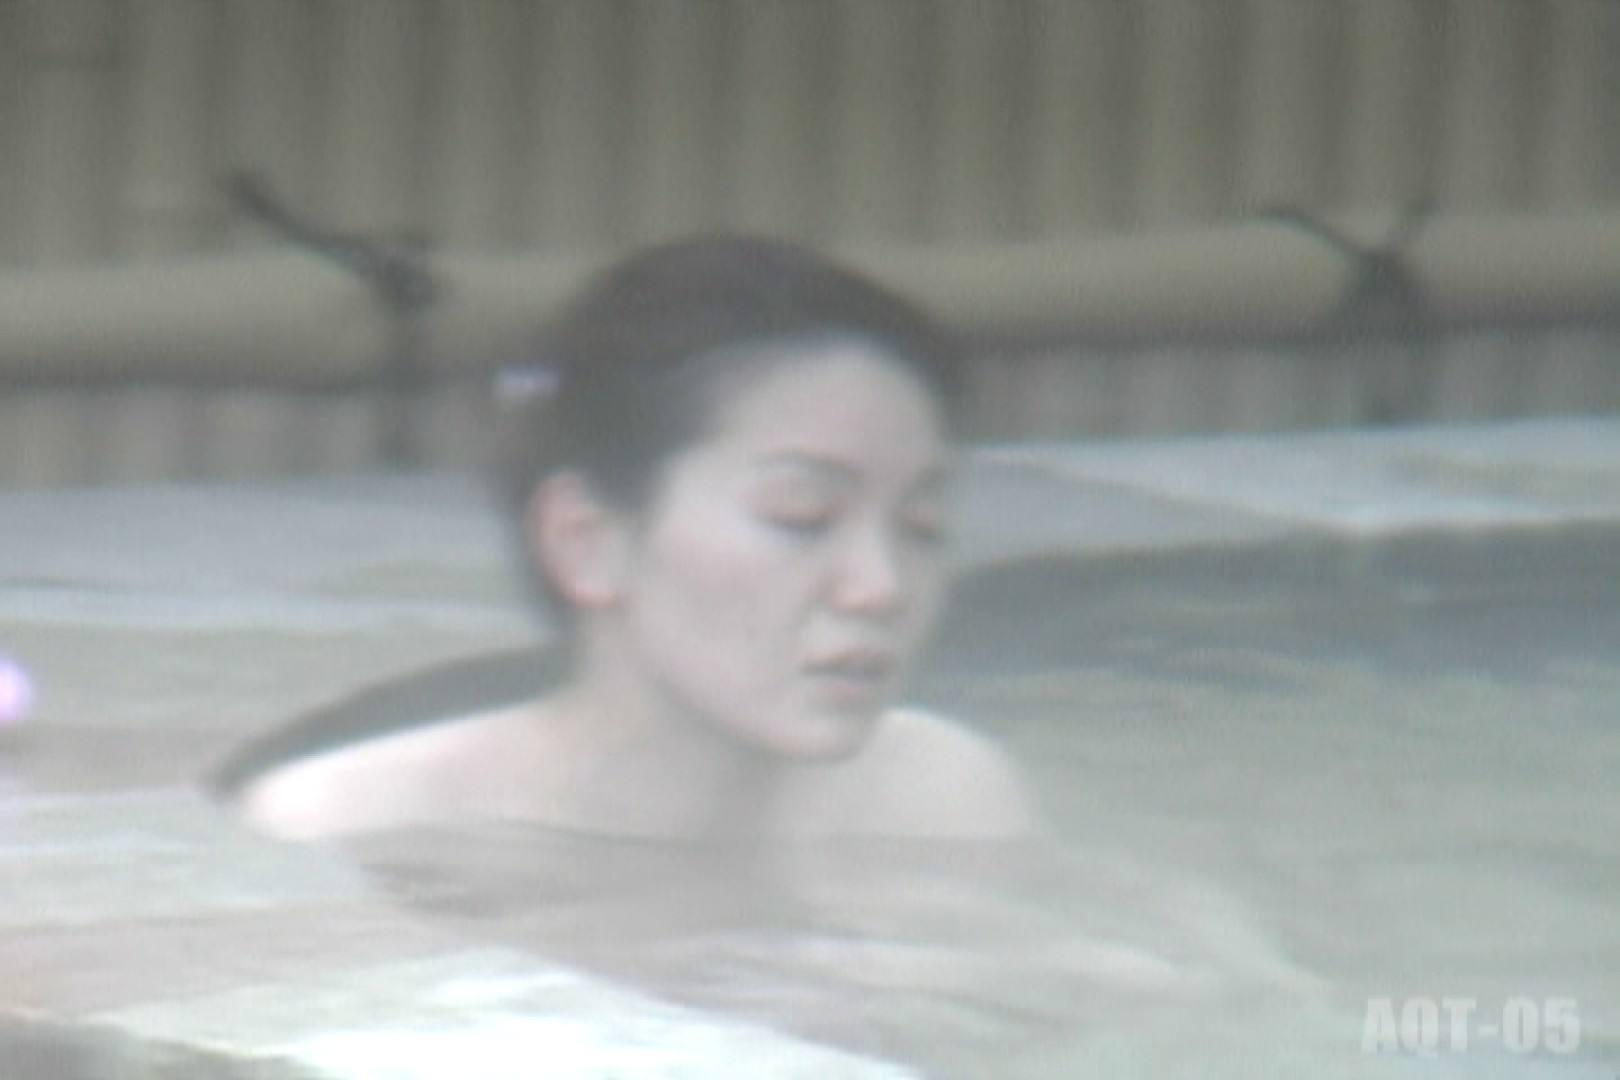 Aquaな露天風呂Vol.744 露天風呂  9枚 4